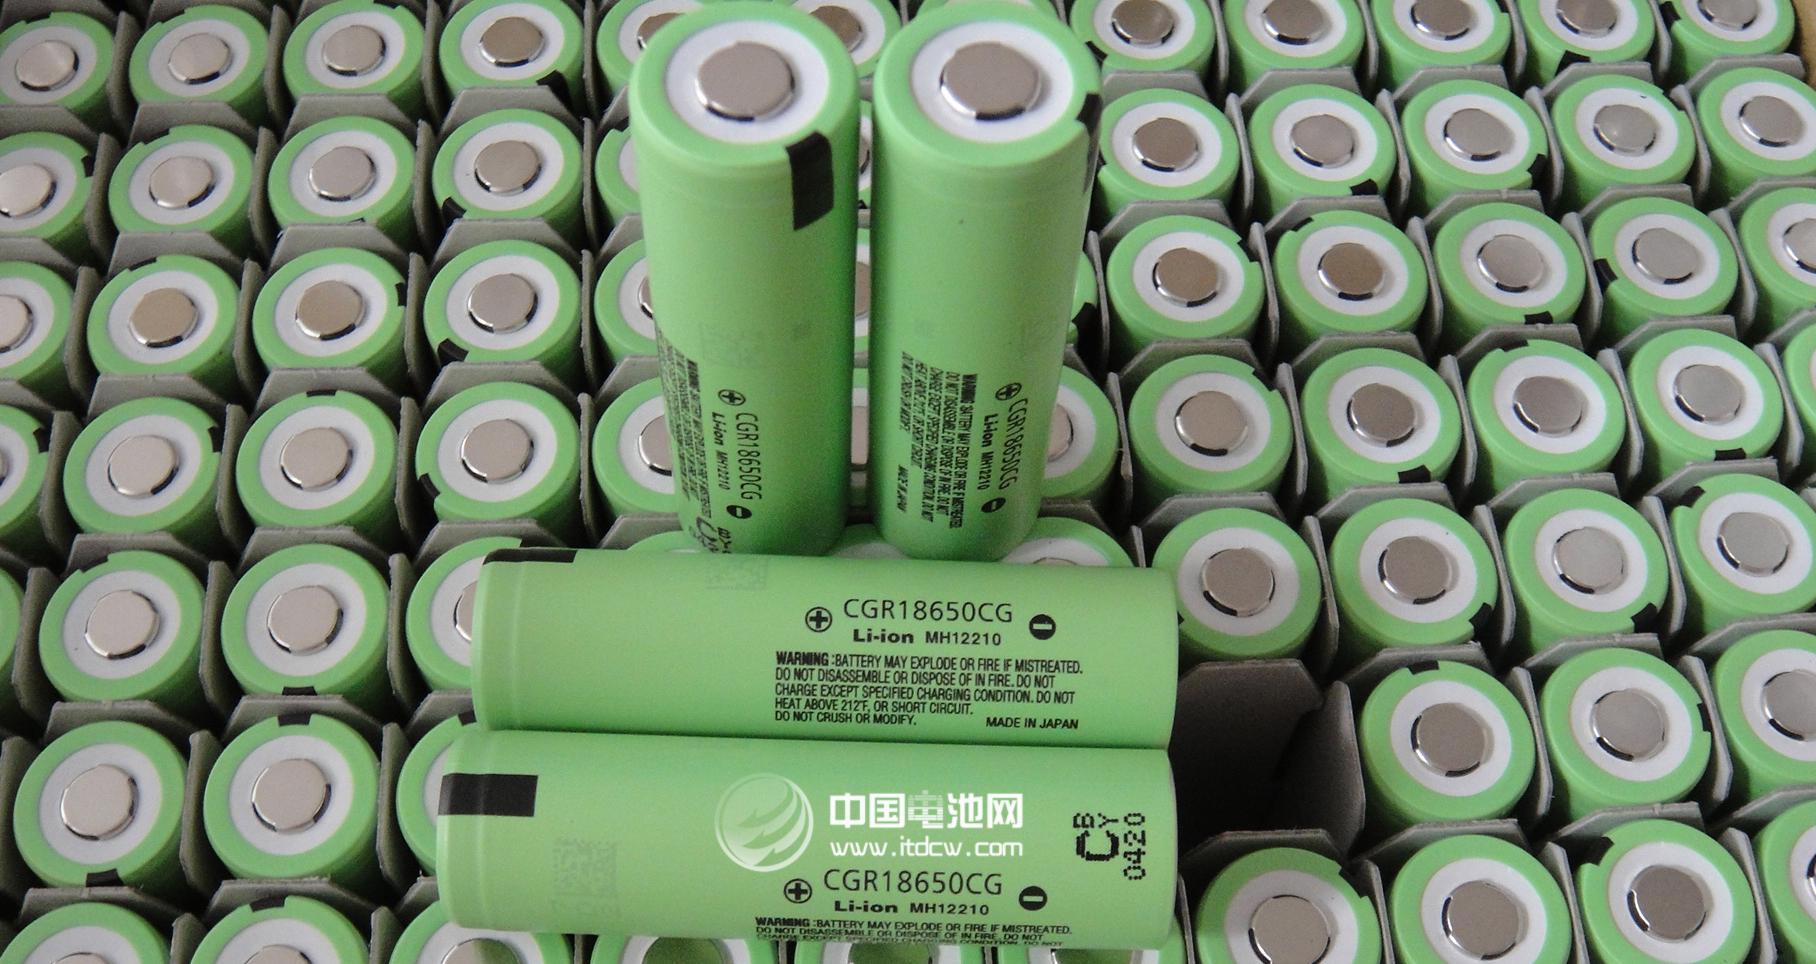 车辆与电池寿命不匹配 缓解报废焦虑电动汽车才能驶向远方